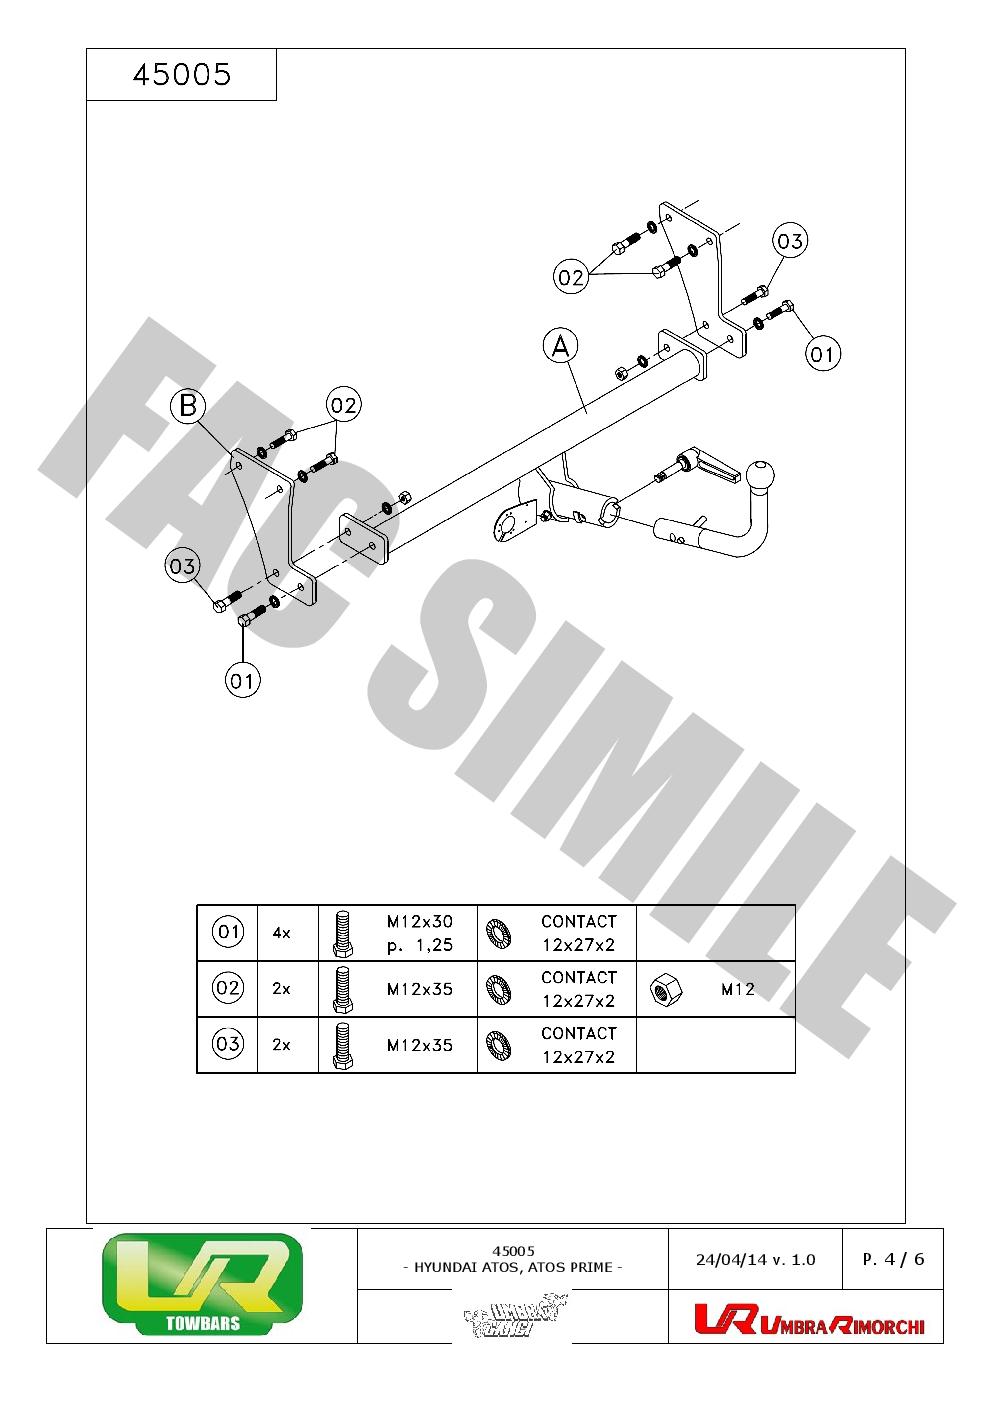 Anhaengerkupplung-fuer-7p-C2-E-Satz-Hyundai-Atos-Prime-1998-2003-45005-E12